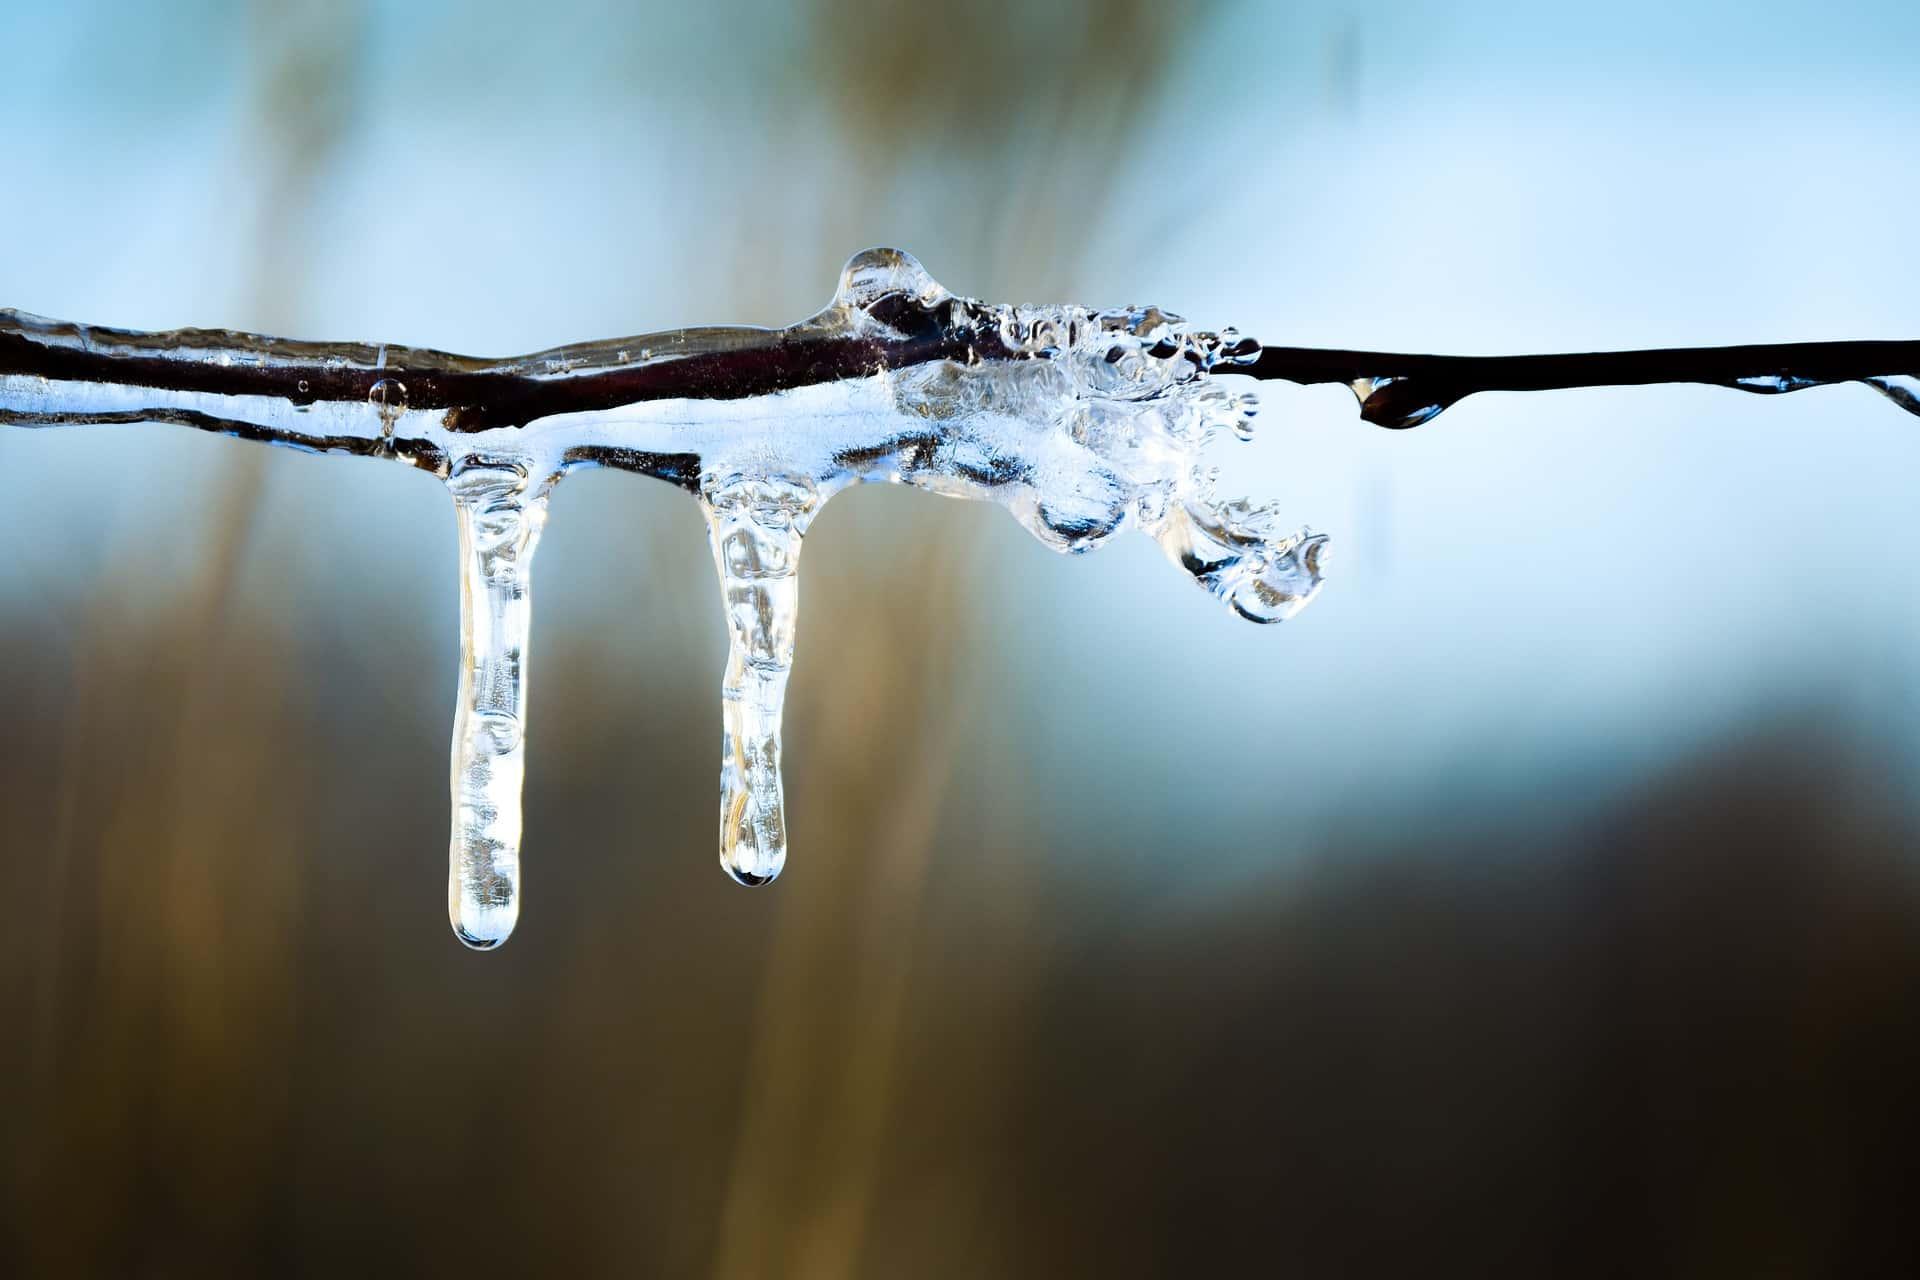 icicle-1655349_1920.jpg